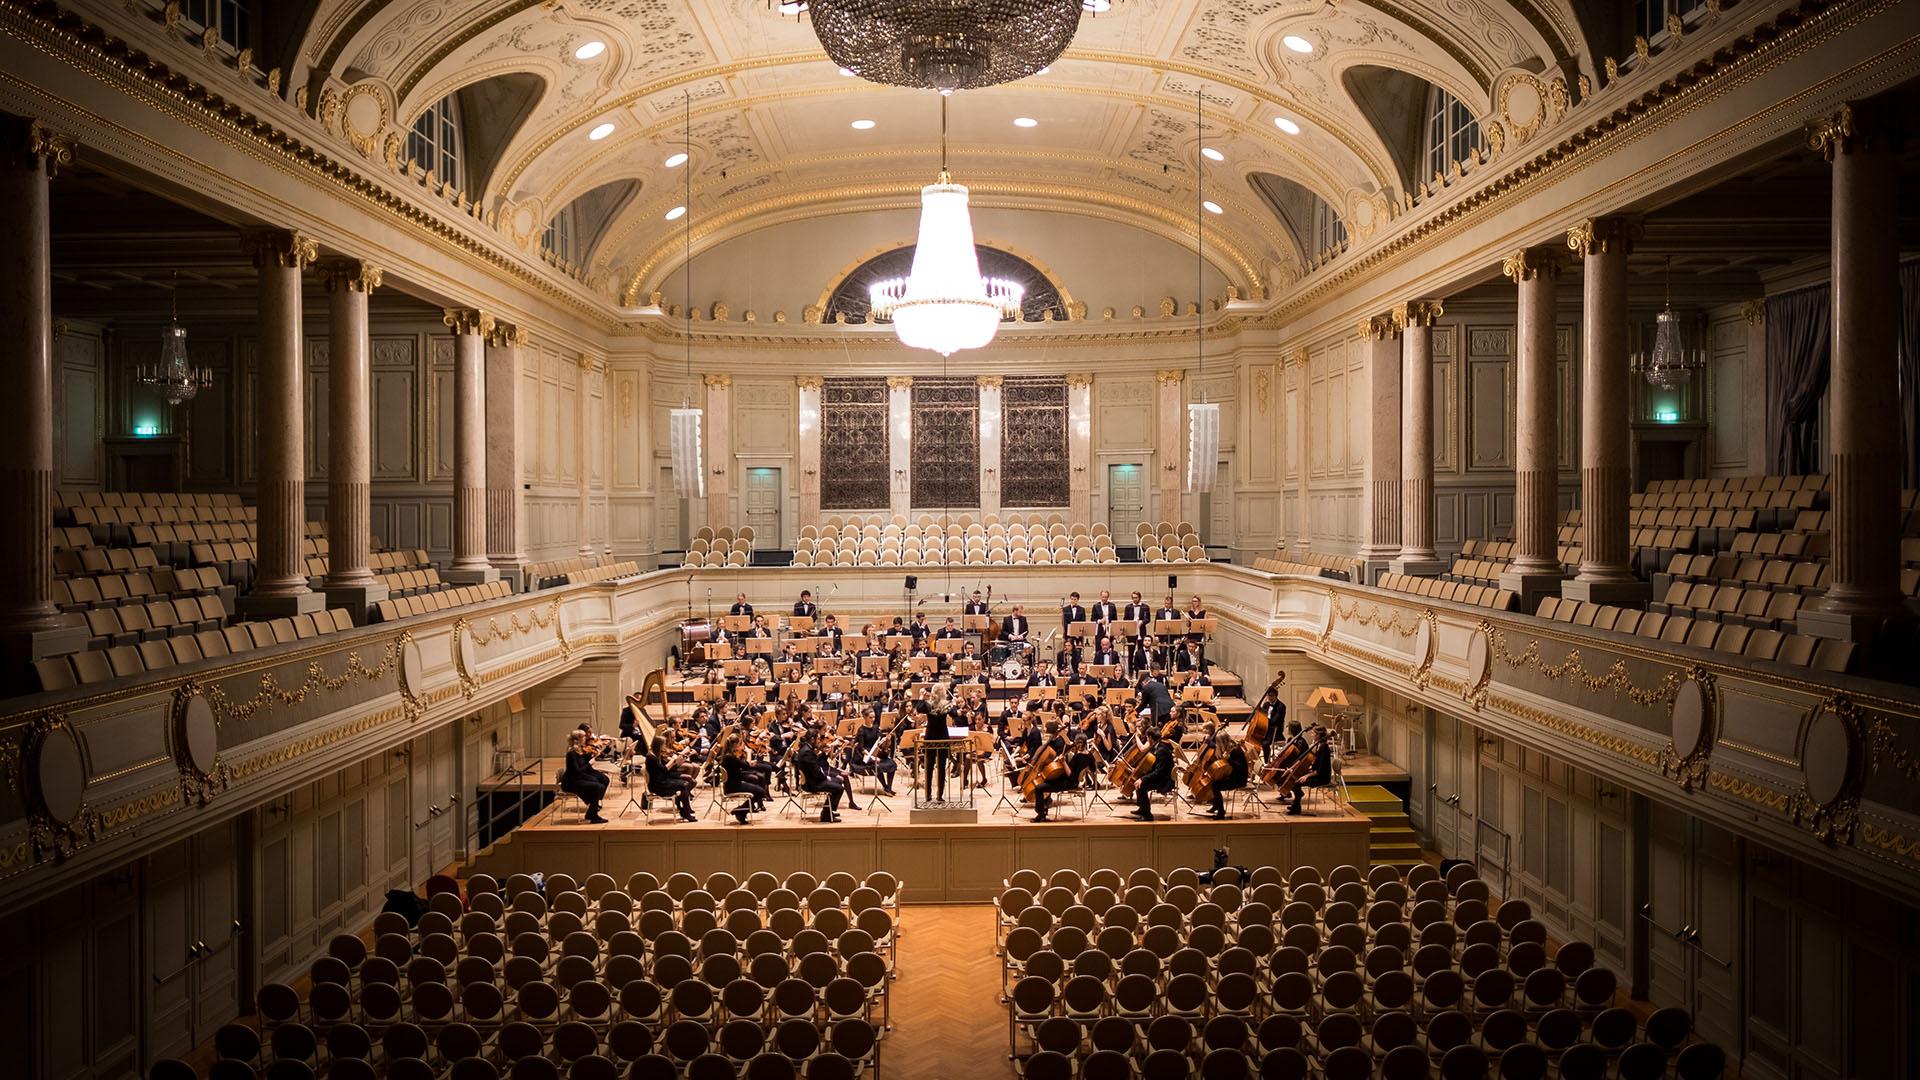 Ein seltenes Bild: das Orchester spielt vor leeren Sitzreihen. Zum Glück gibt es Online Streams.